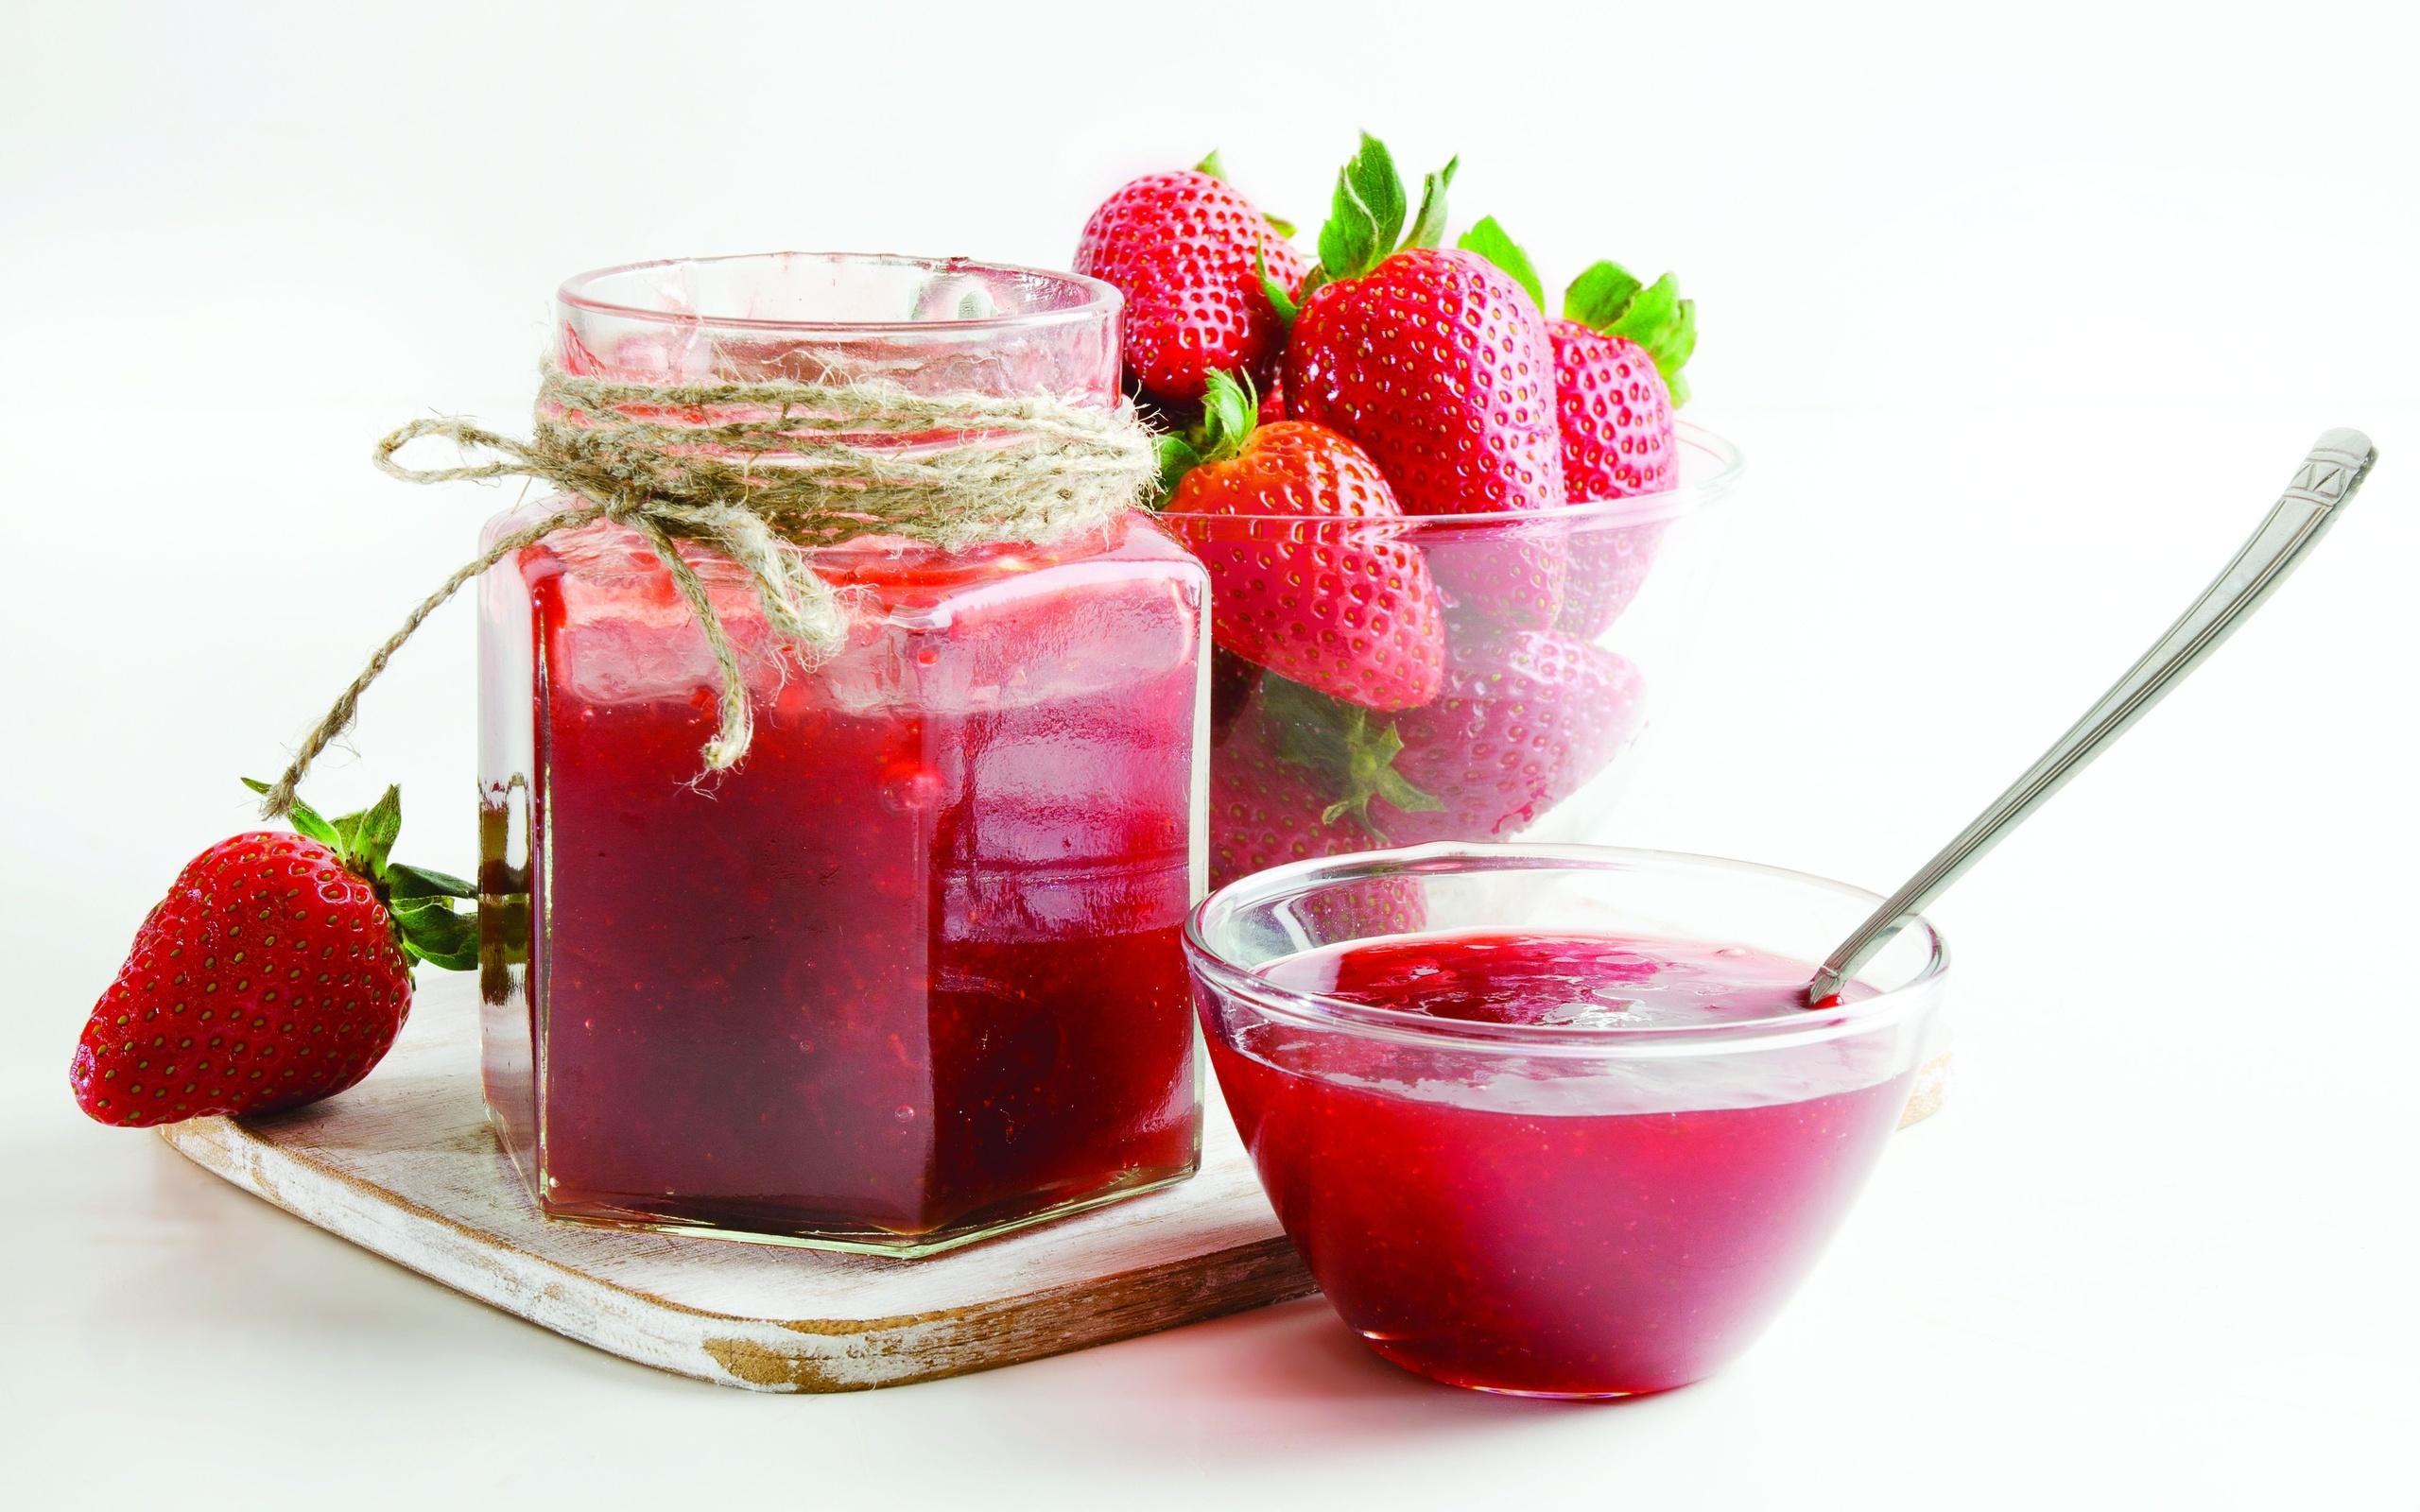 Strawberry Jam Wallpaper 43545 2560x1600 px ~ HDWallSource.com